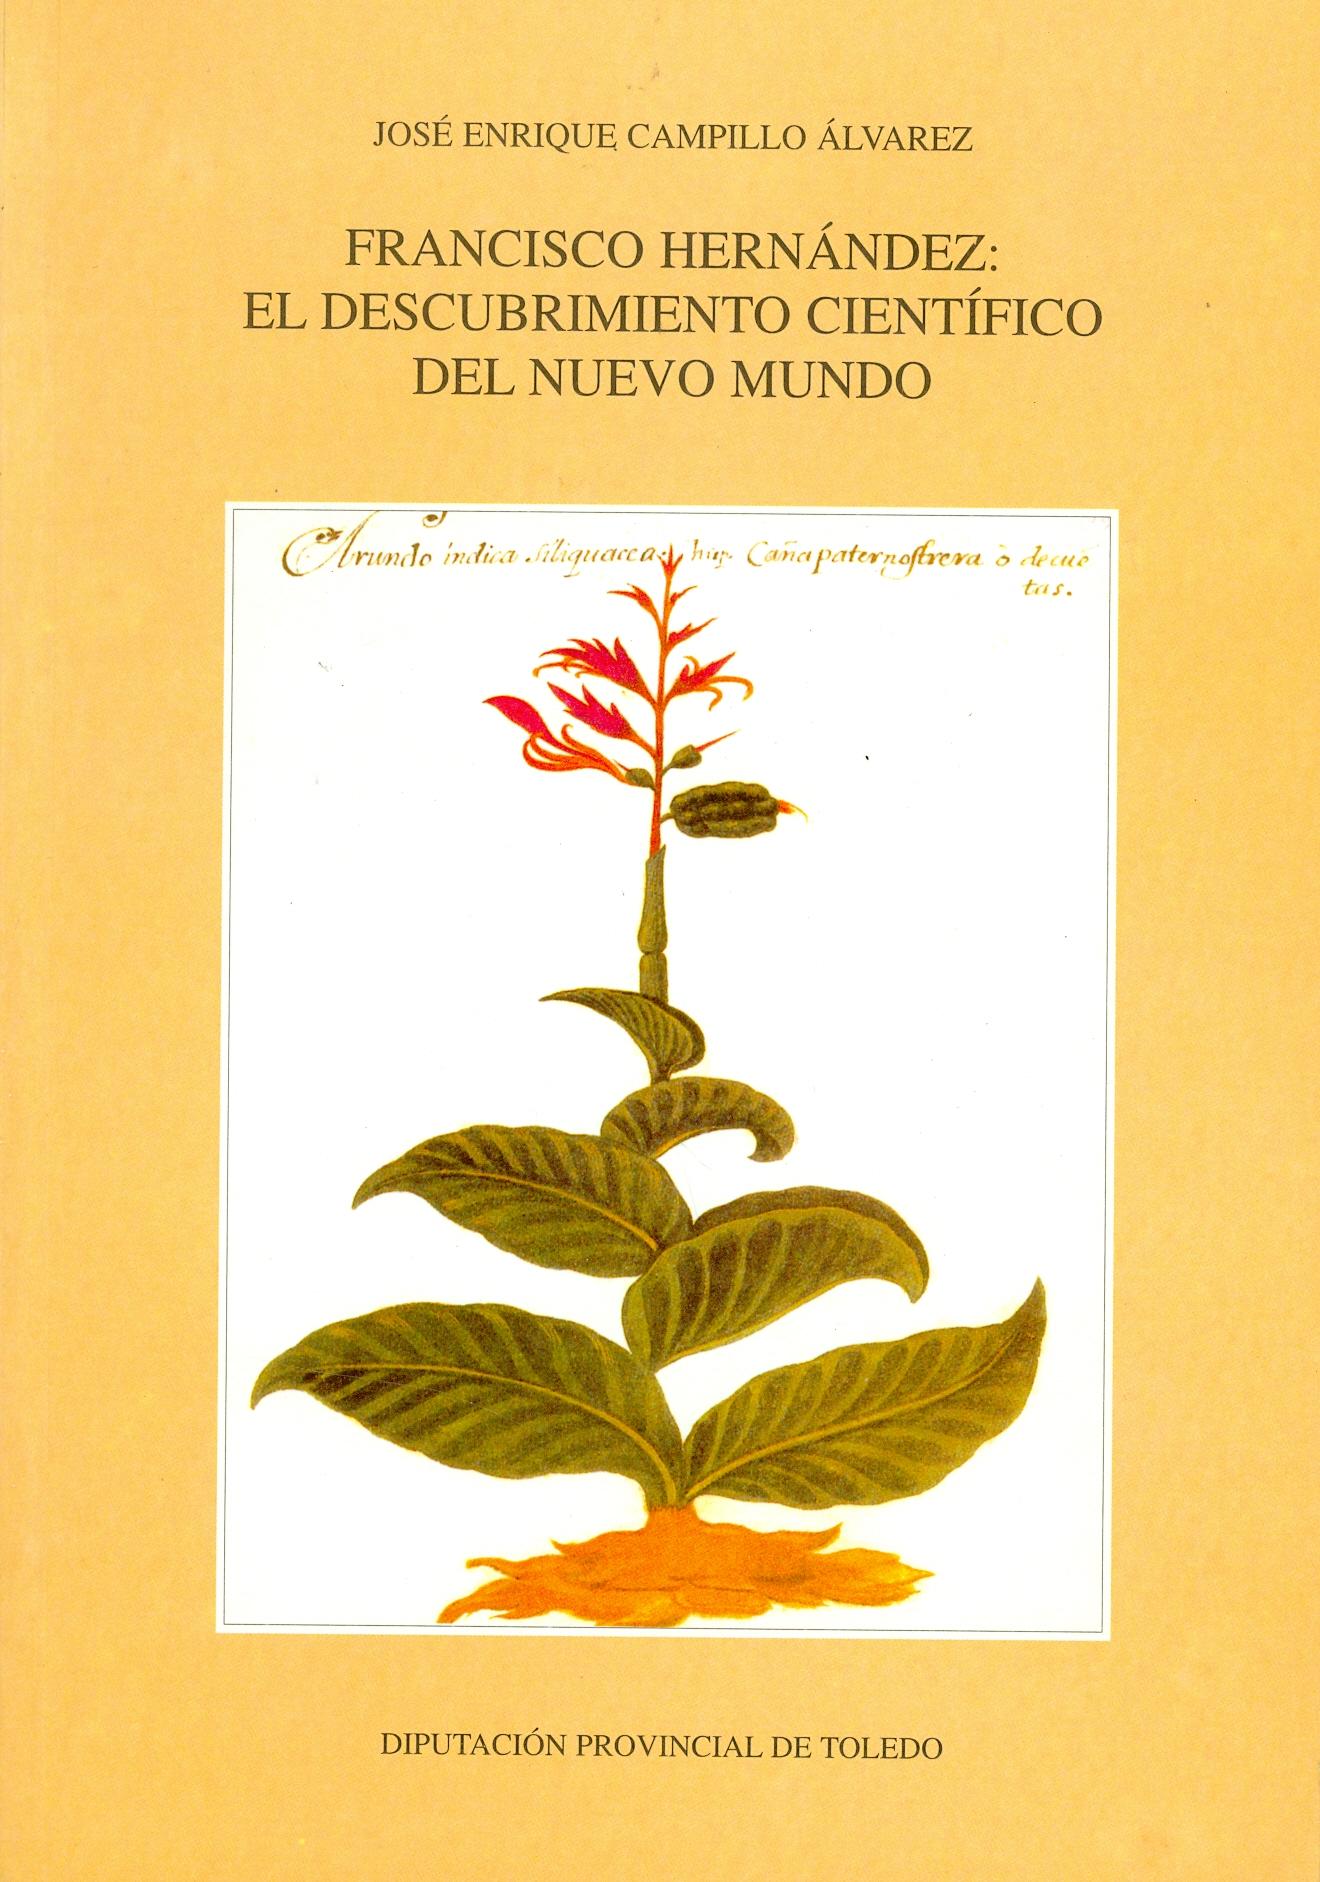 Francisco Hernández: El descubrimiento científico del Nuevo Mundo